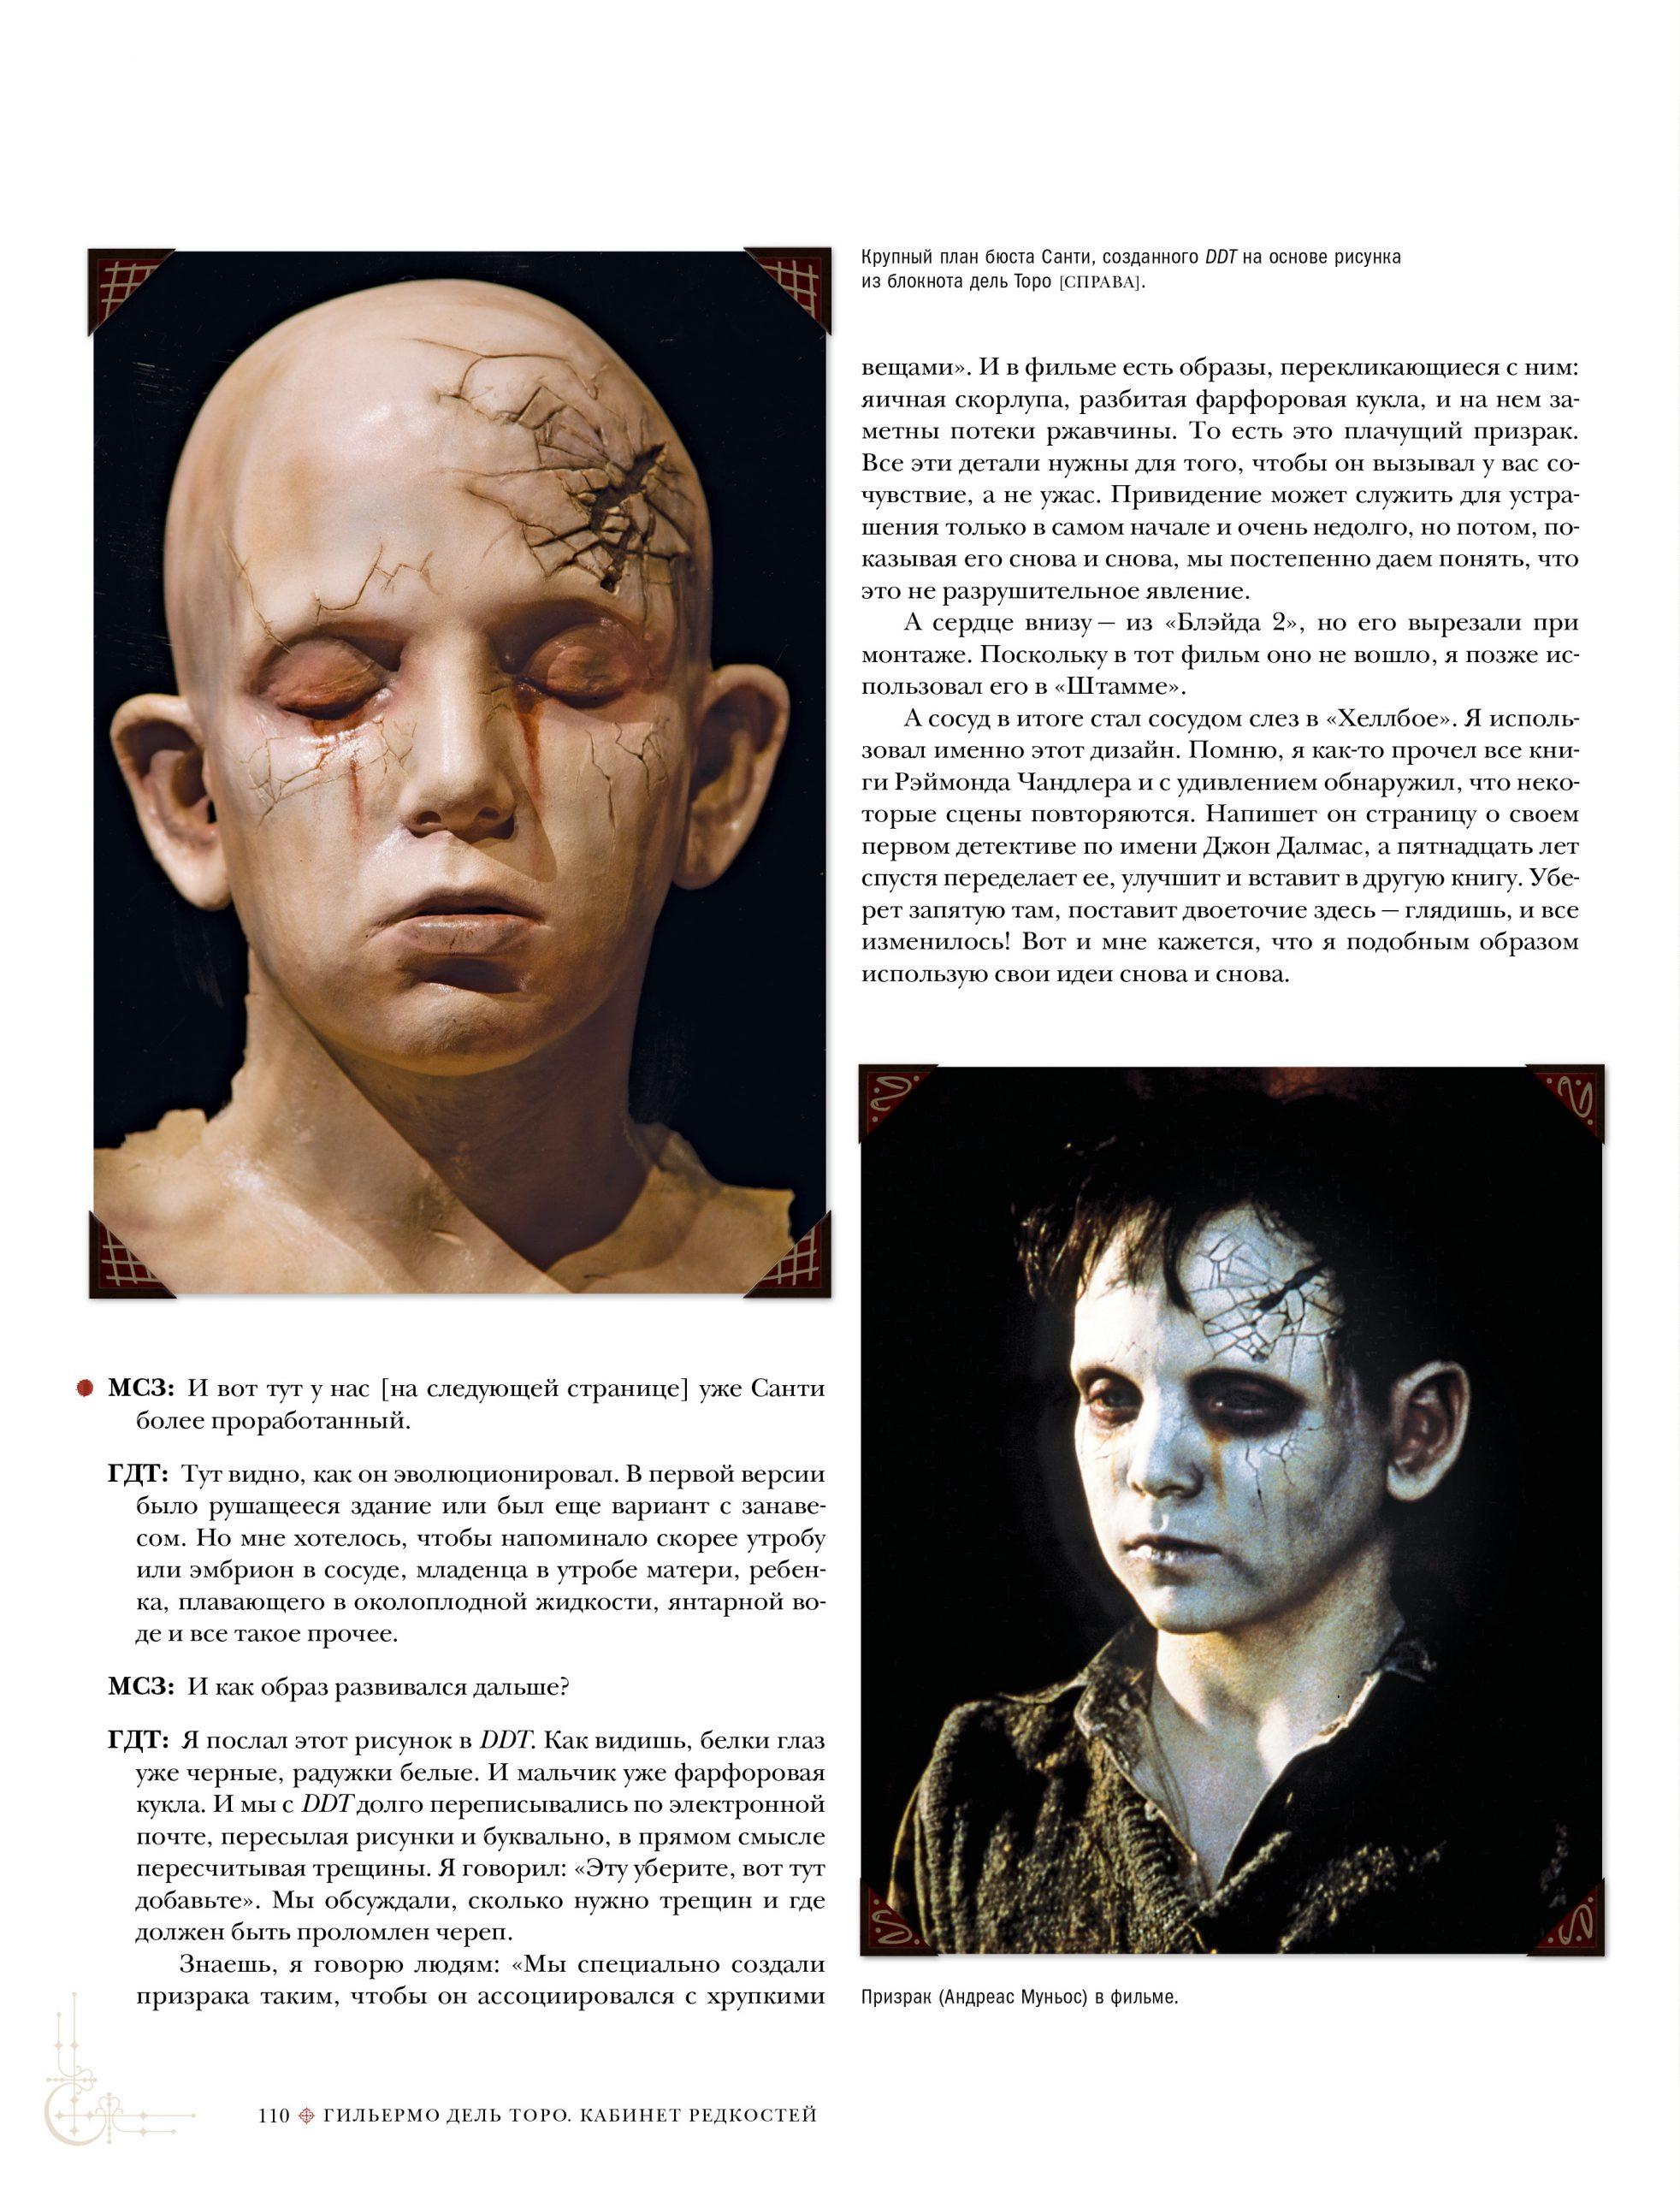 Читаем книгу «Кабинет редкостей» Гильермо Дель Торо 11